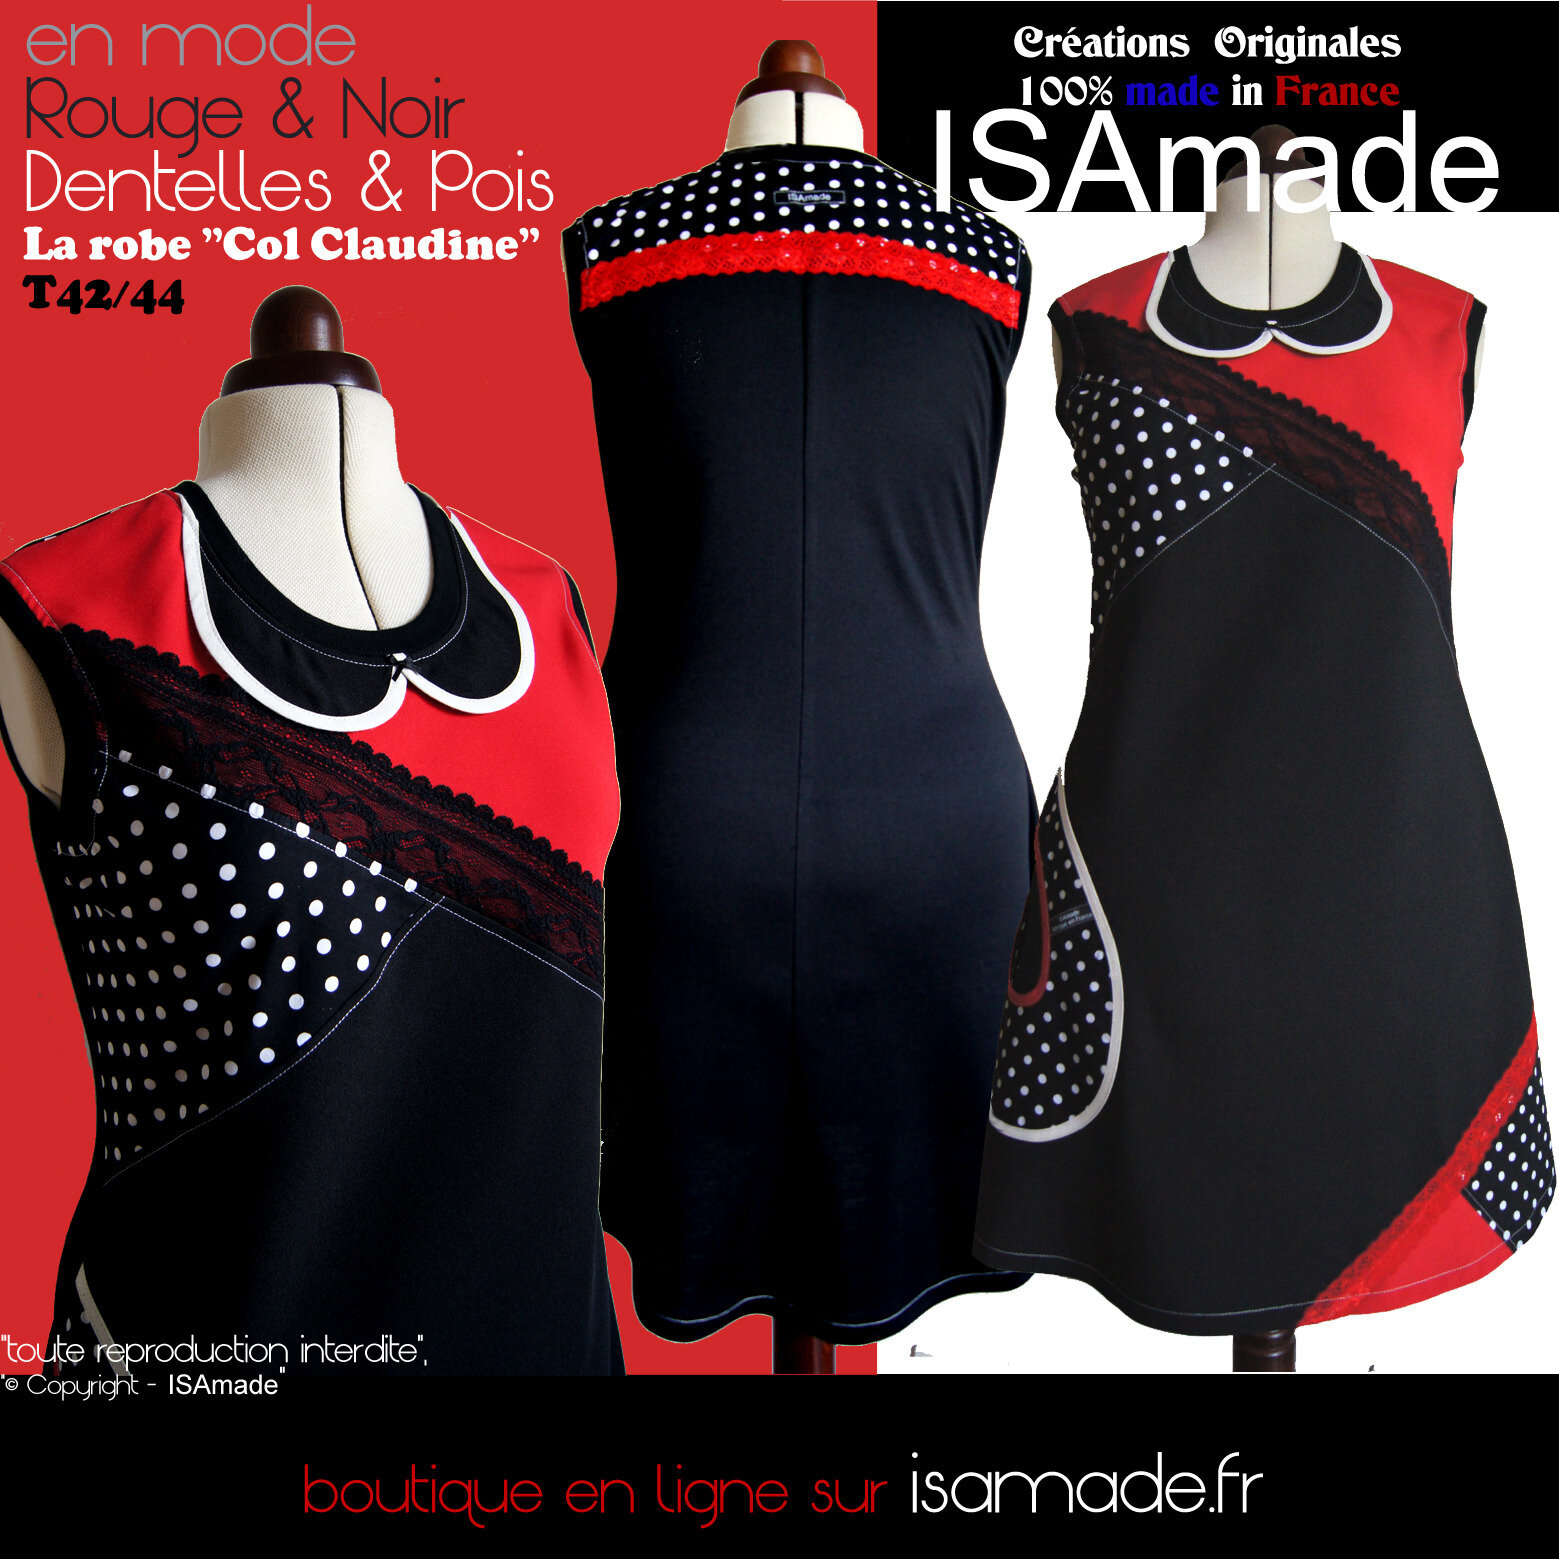 91754564f639 Robes Femme Originales créateur mode fabriquées en France.